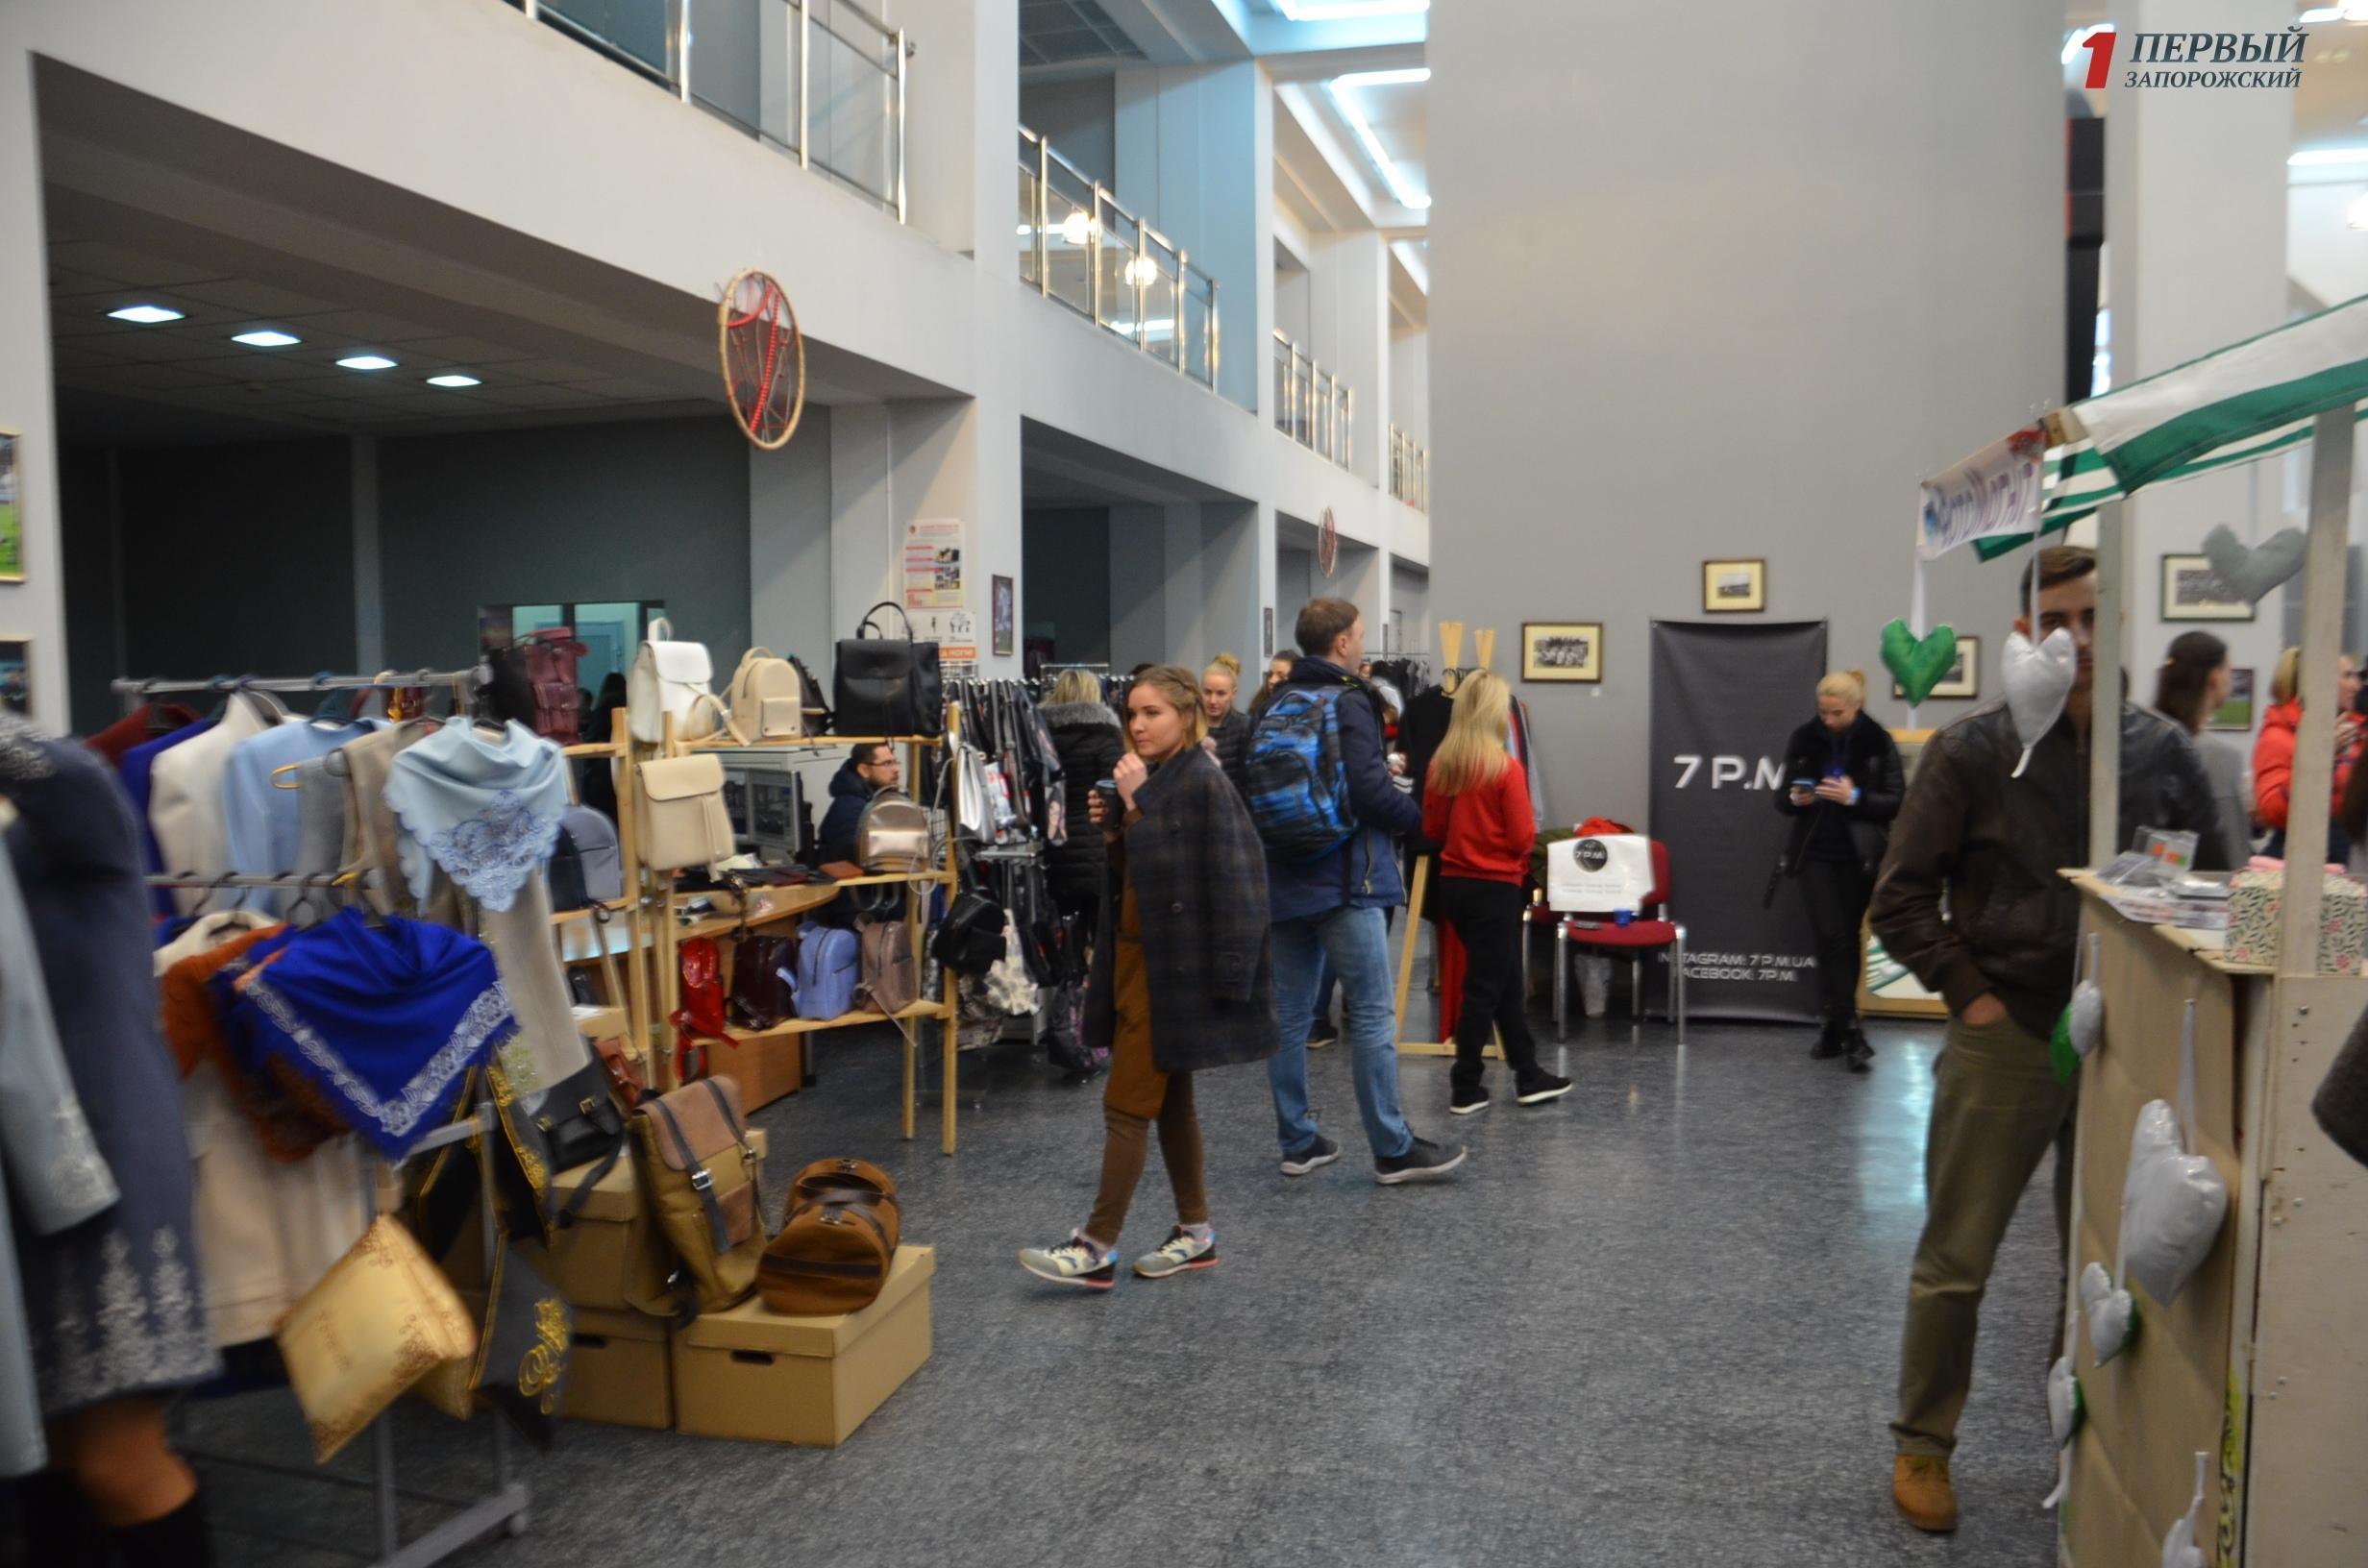 В Запорожье проходит фестиваль украинской одежды и эко-продуктов - ФОТО